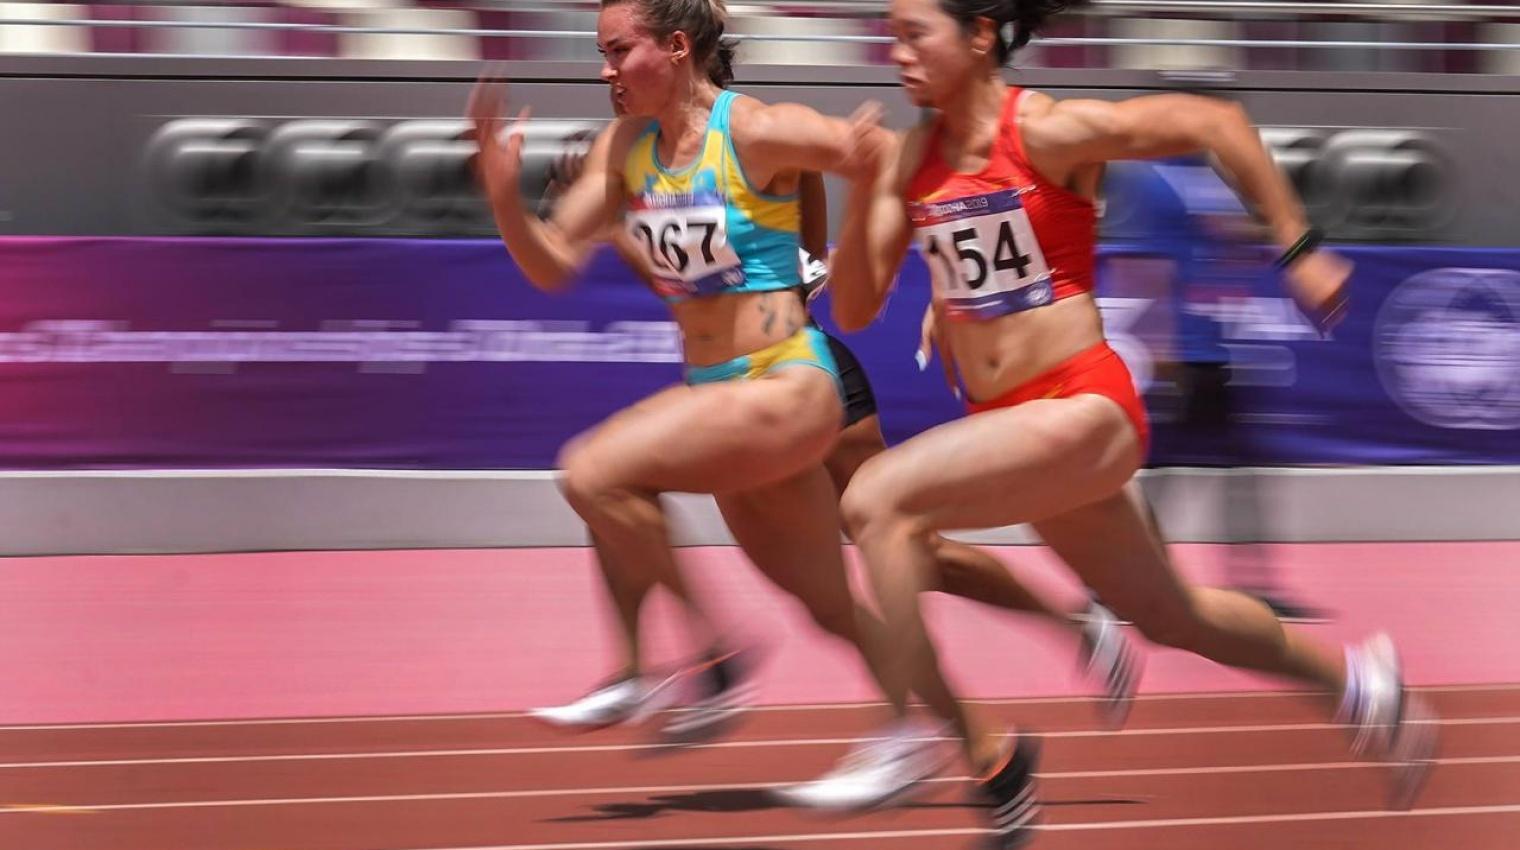 Федерация легкой атлетики Казахстана представила превью сезона на 2021 год